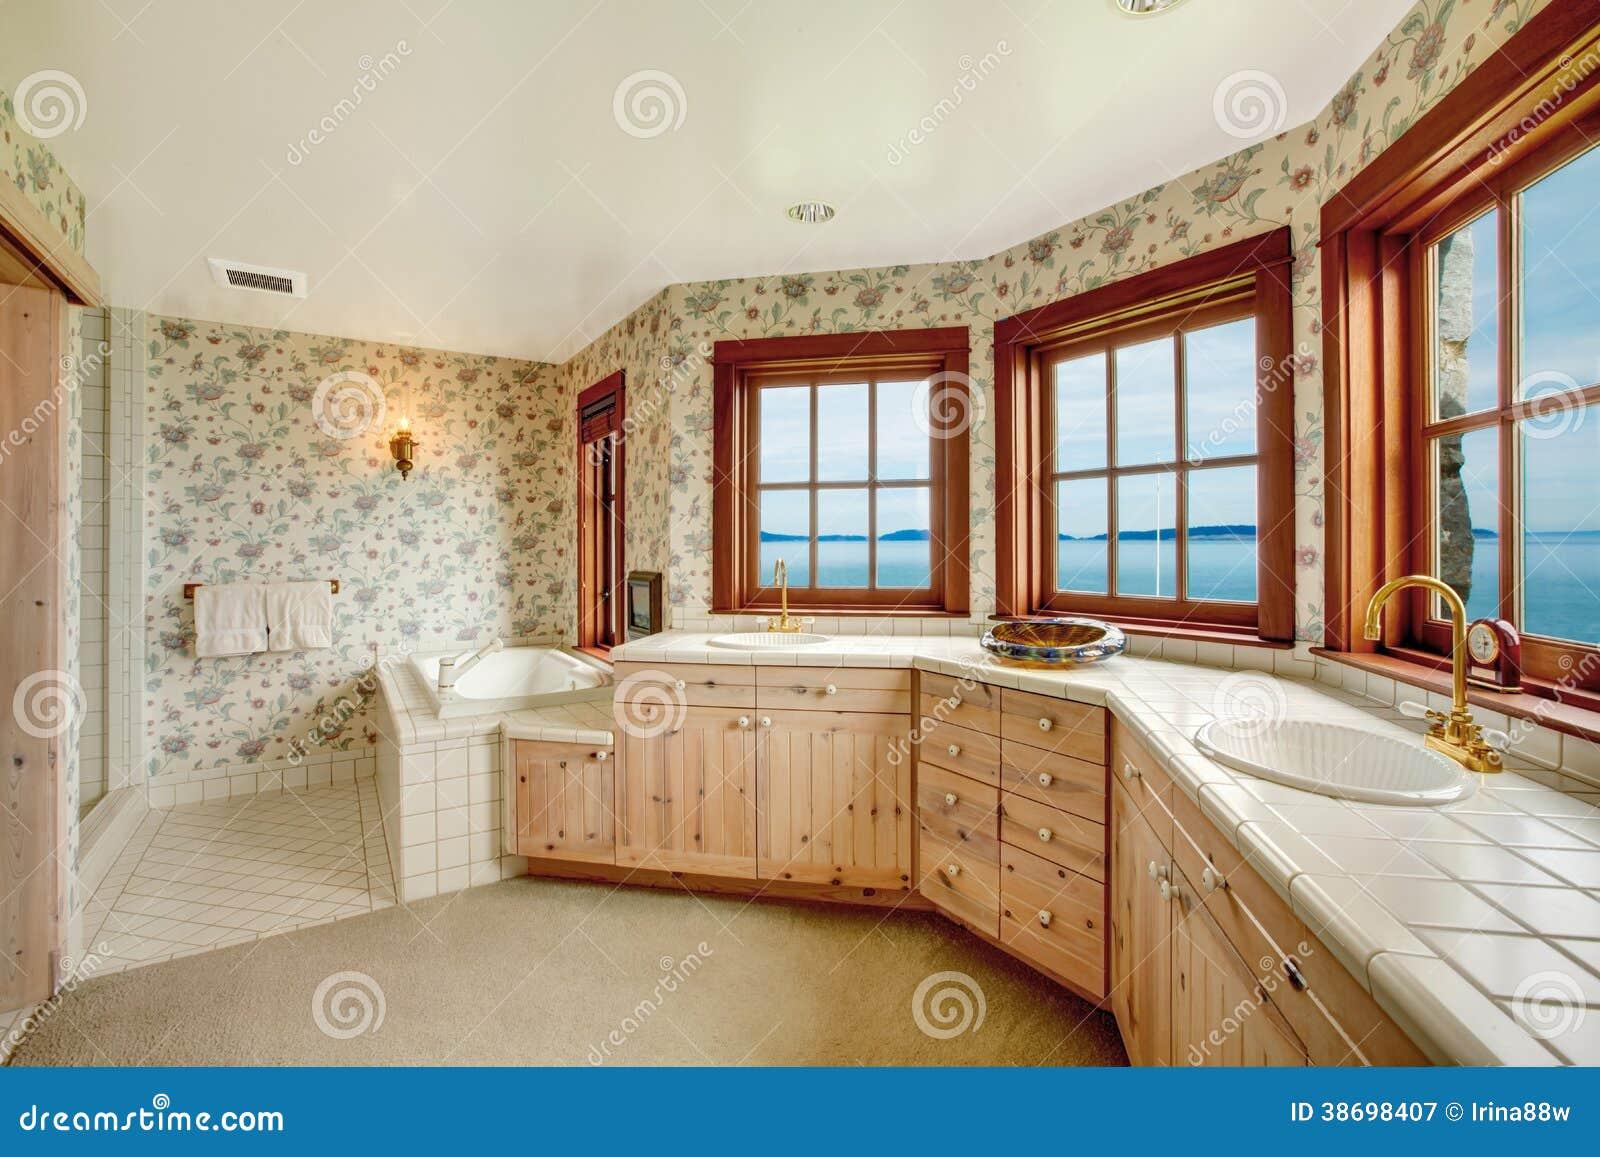 Fantastiskt blom  badrum med franska fönster royaltyfri fotografi ...